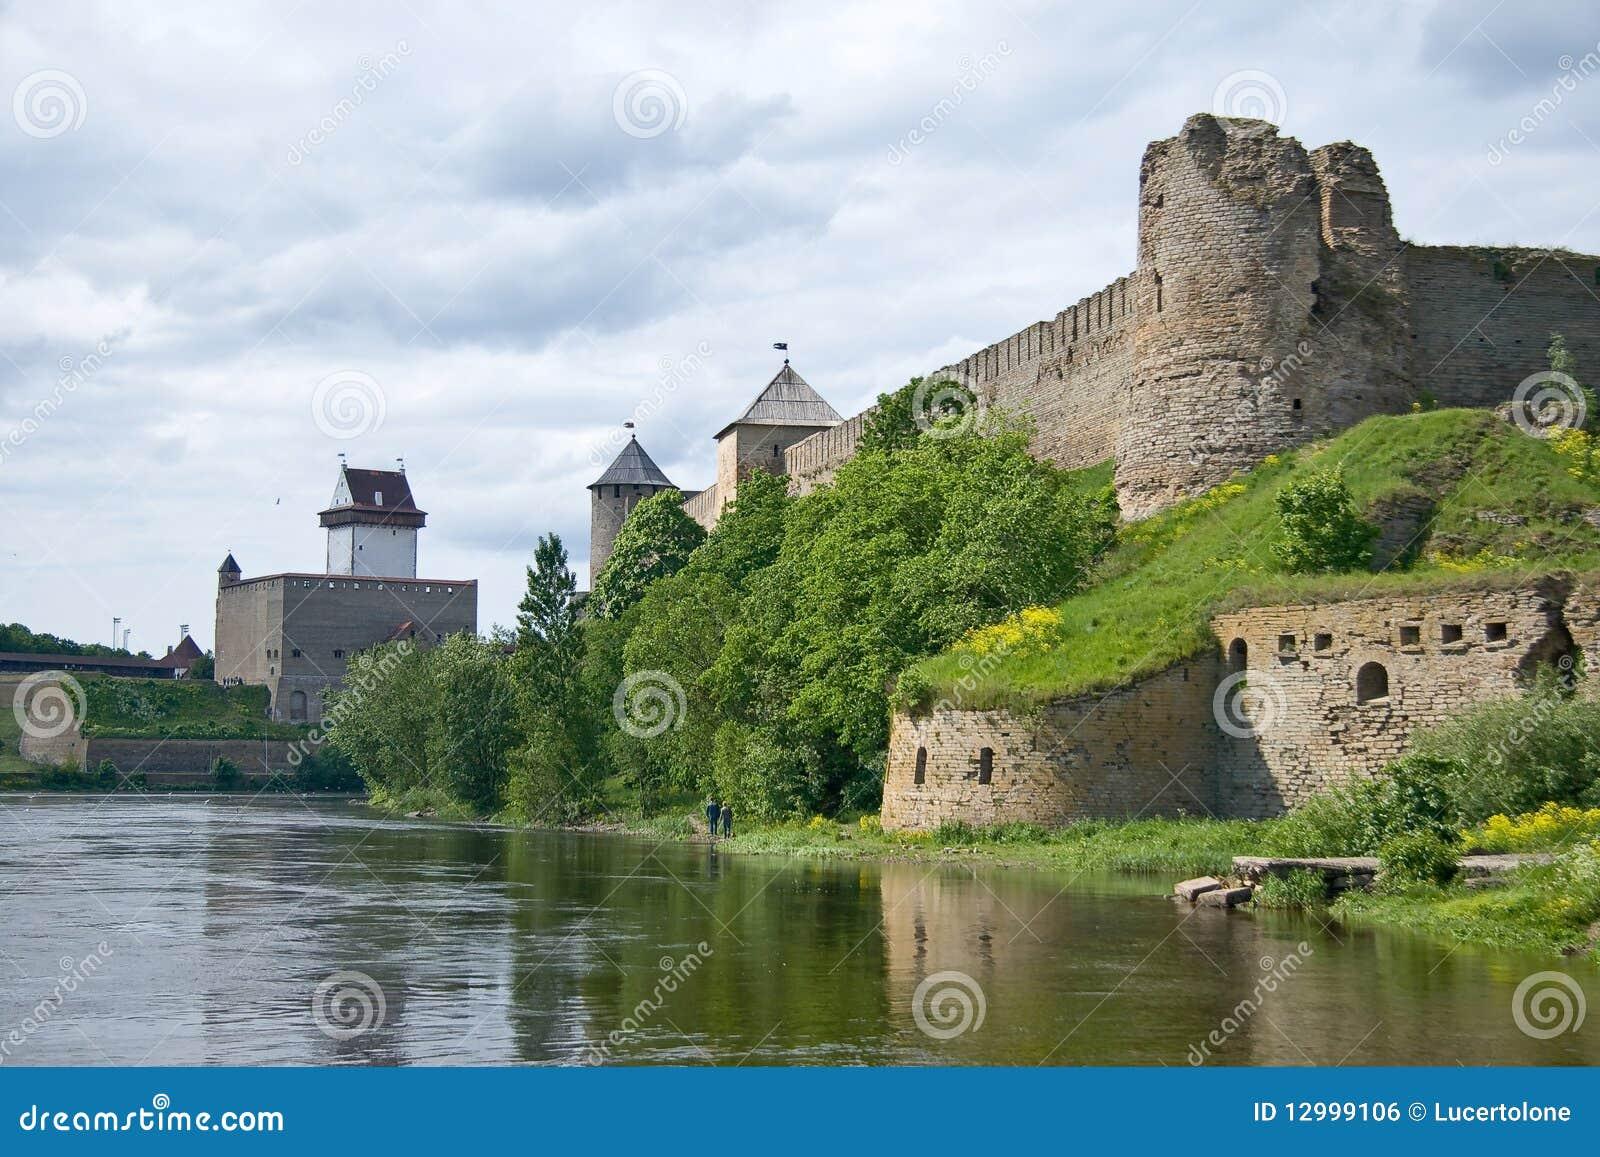 Estonia - Russia. Ancient fortress